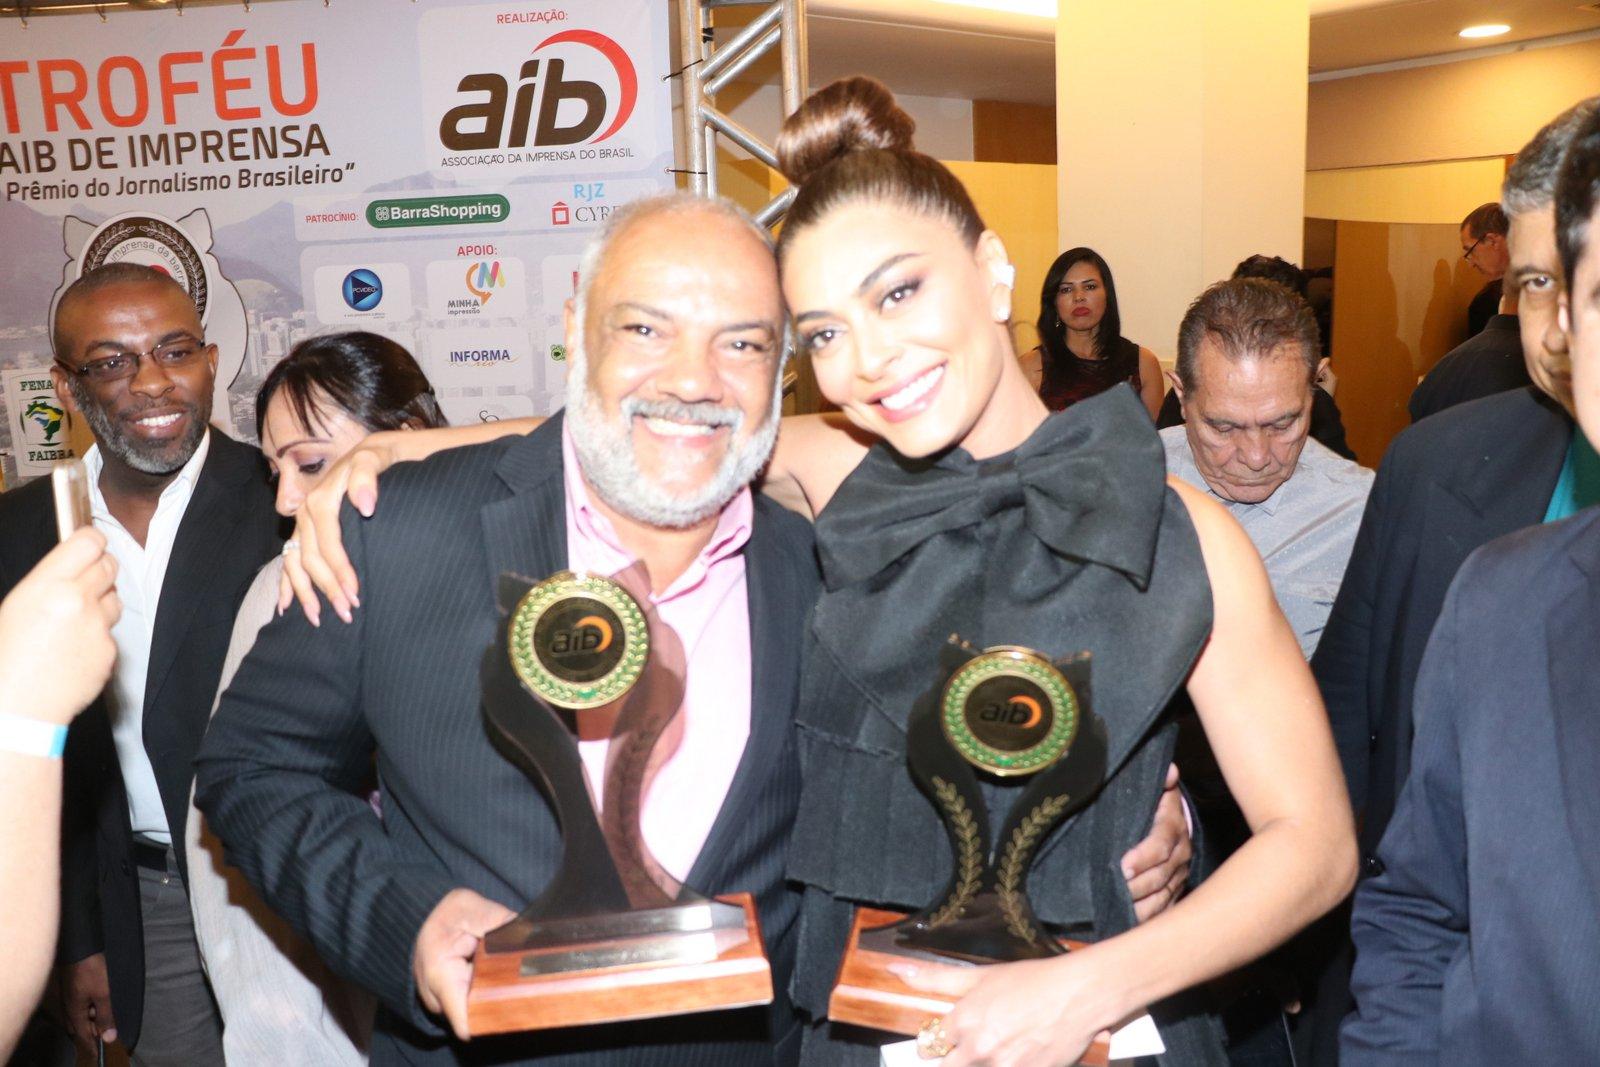 Famosos recebem premiação da Associação da Imprensa do Barra (AIB)